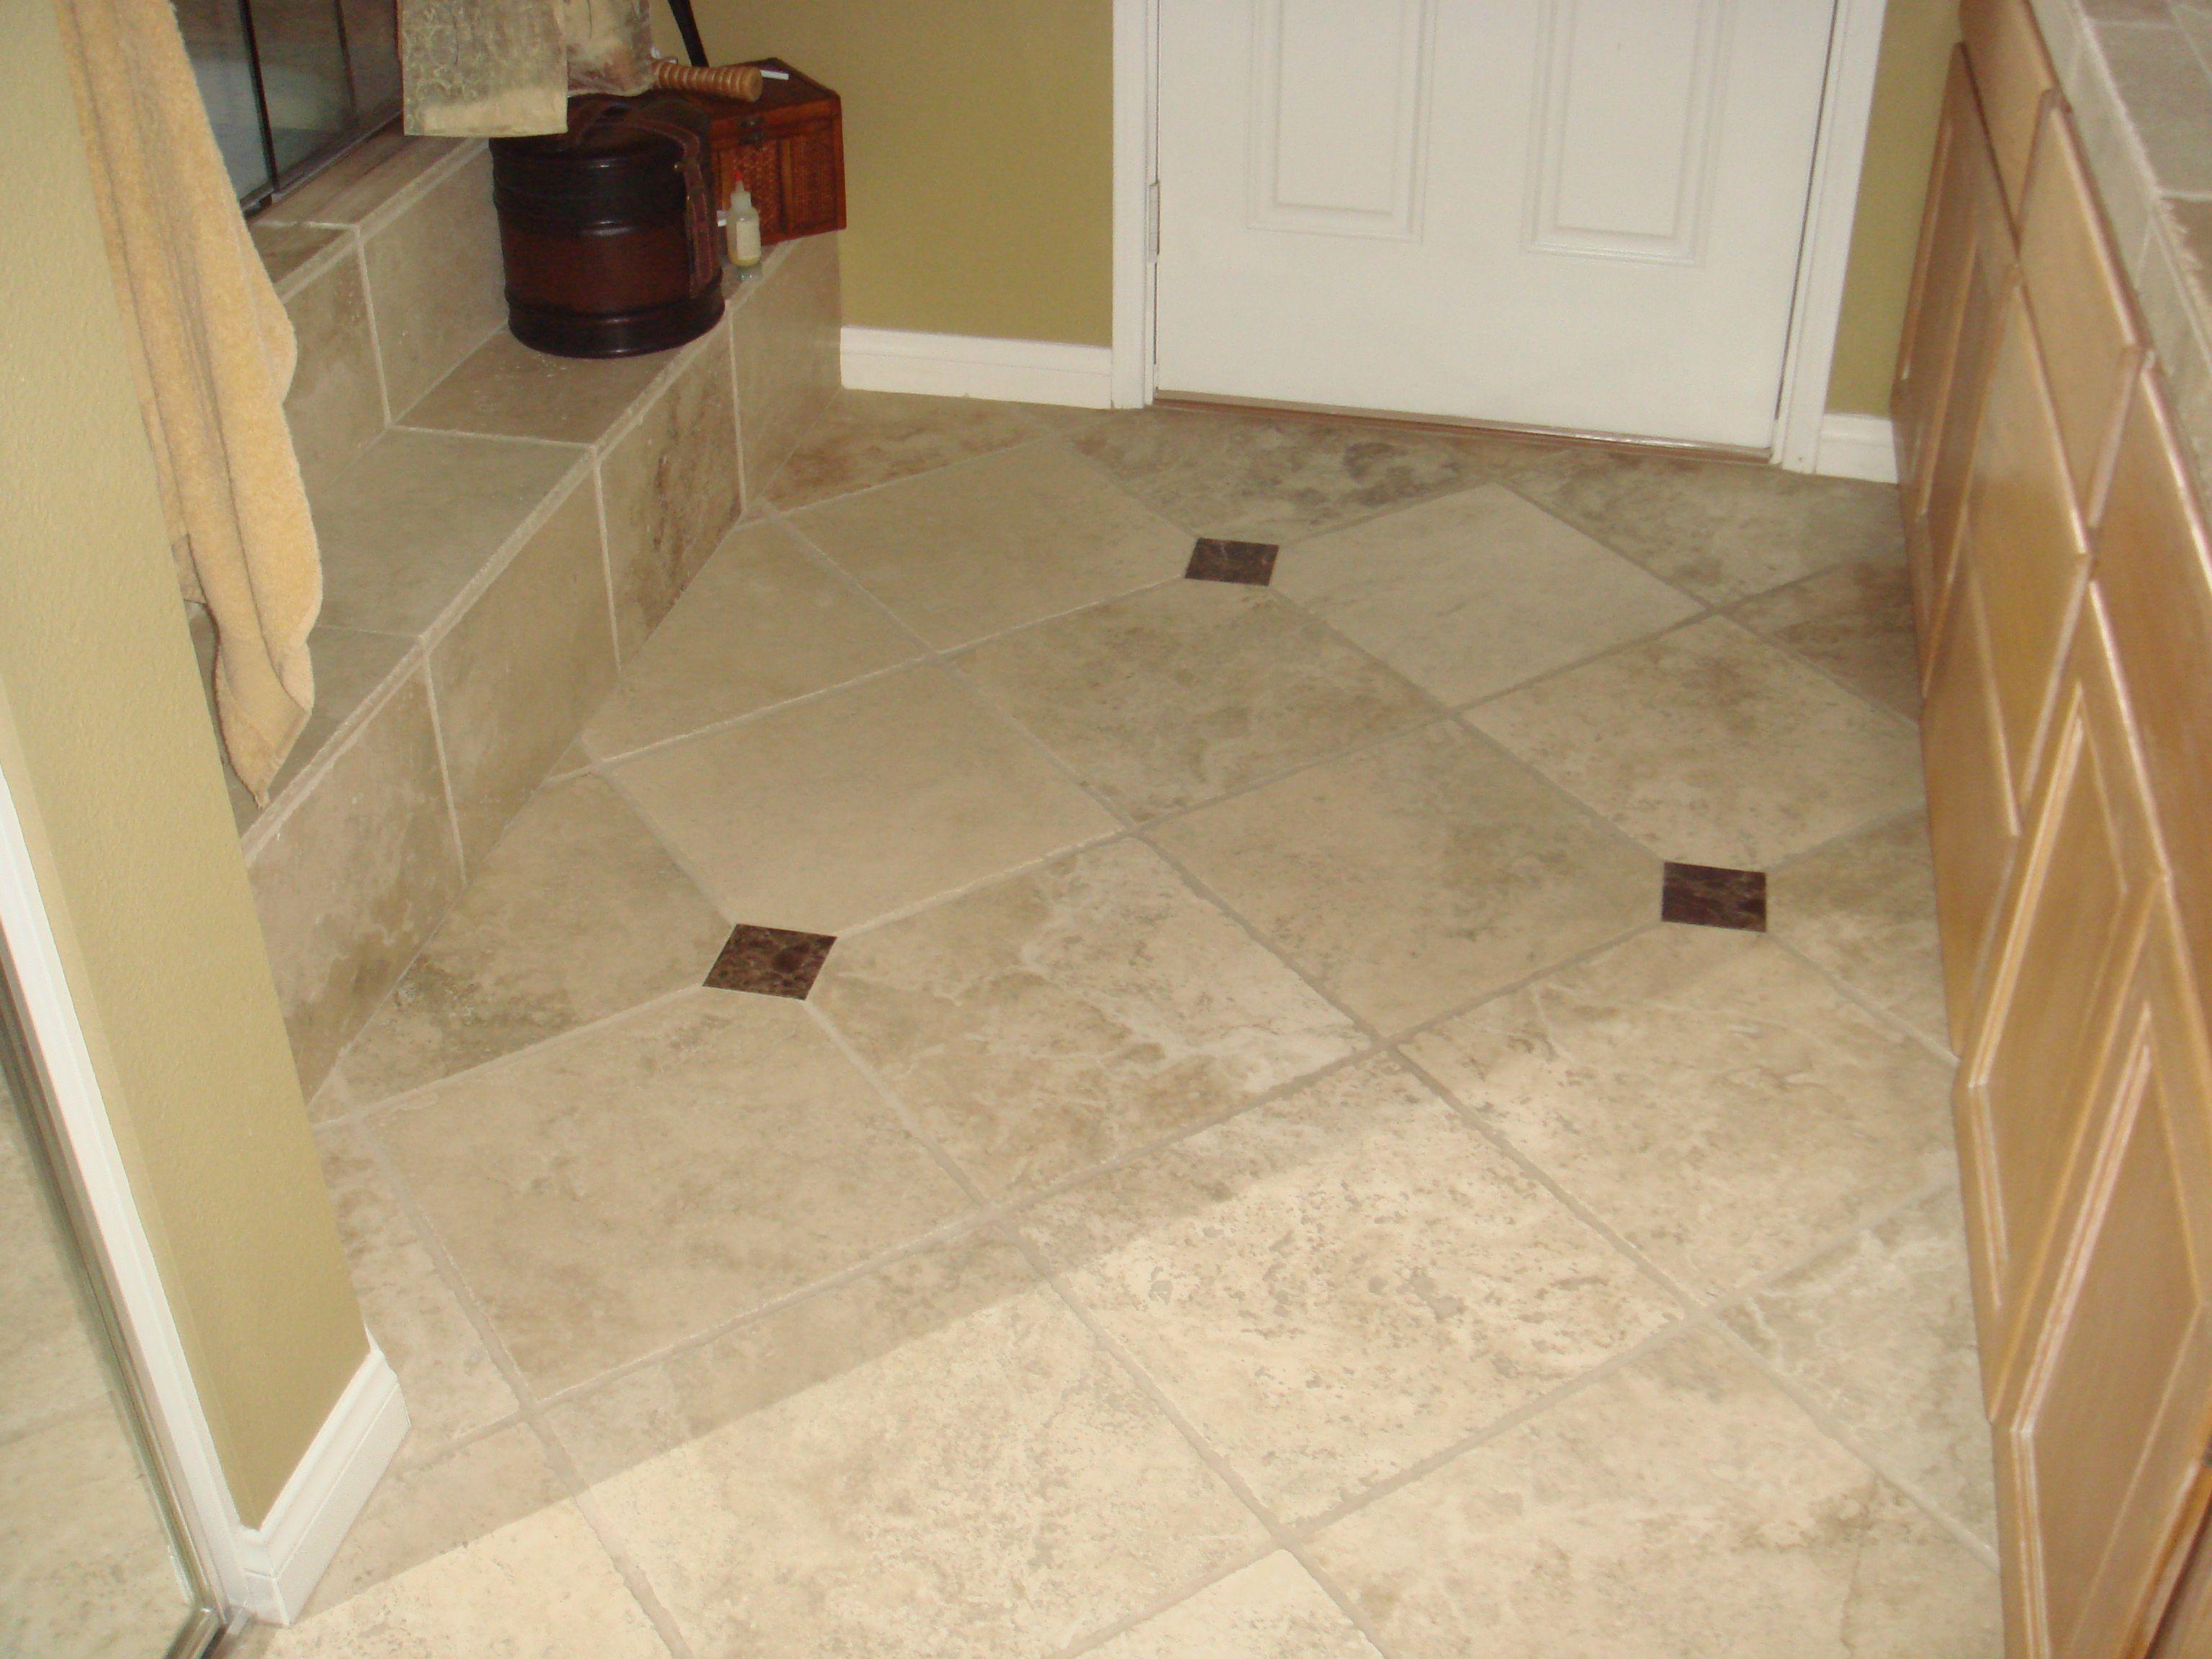 Feature design ideas frugal kitchen tiles pattern tile floor feature design ideas frugal kitchen tiles pattern tile floor patterns house and decorating doublecrazyfo Gallery